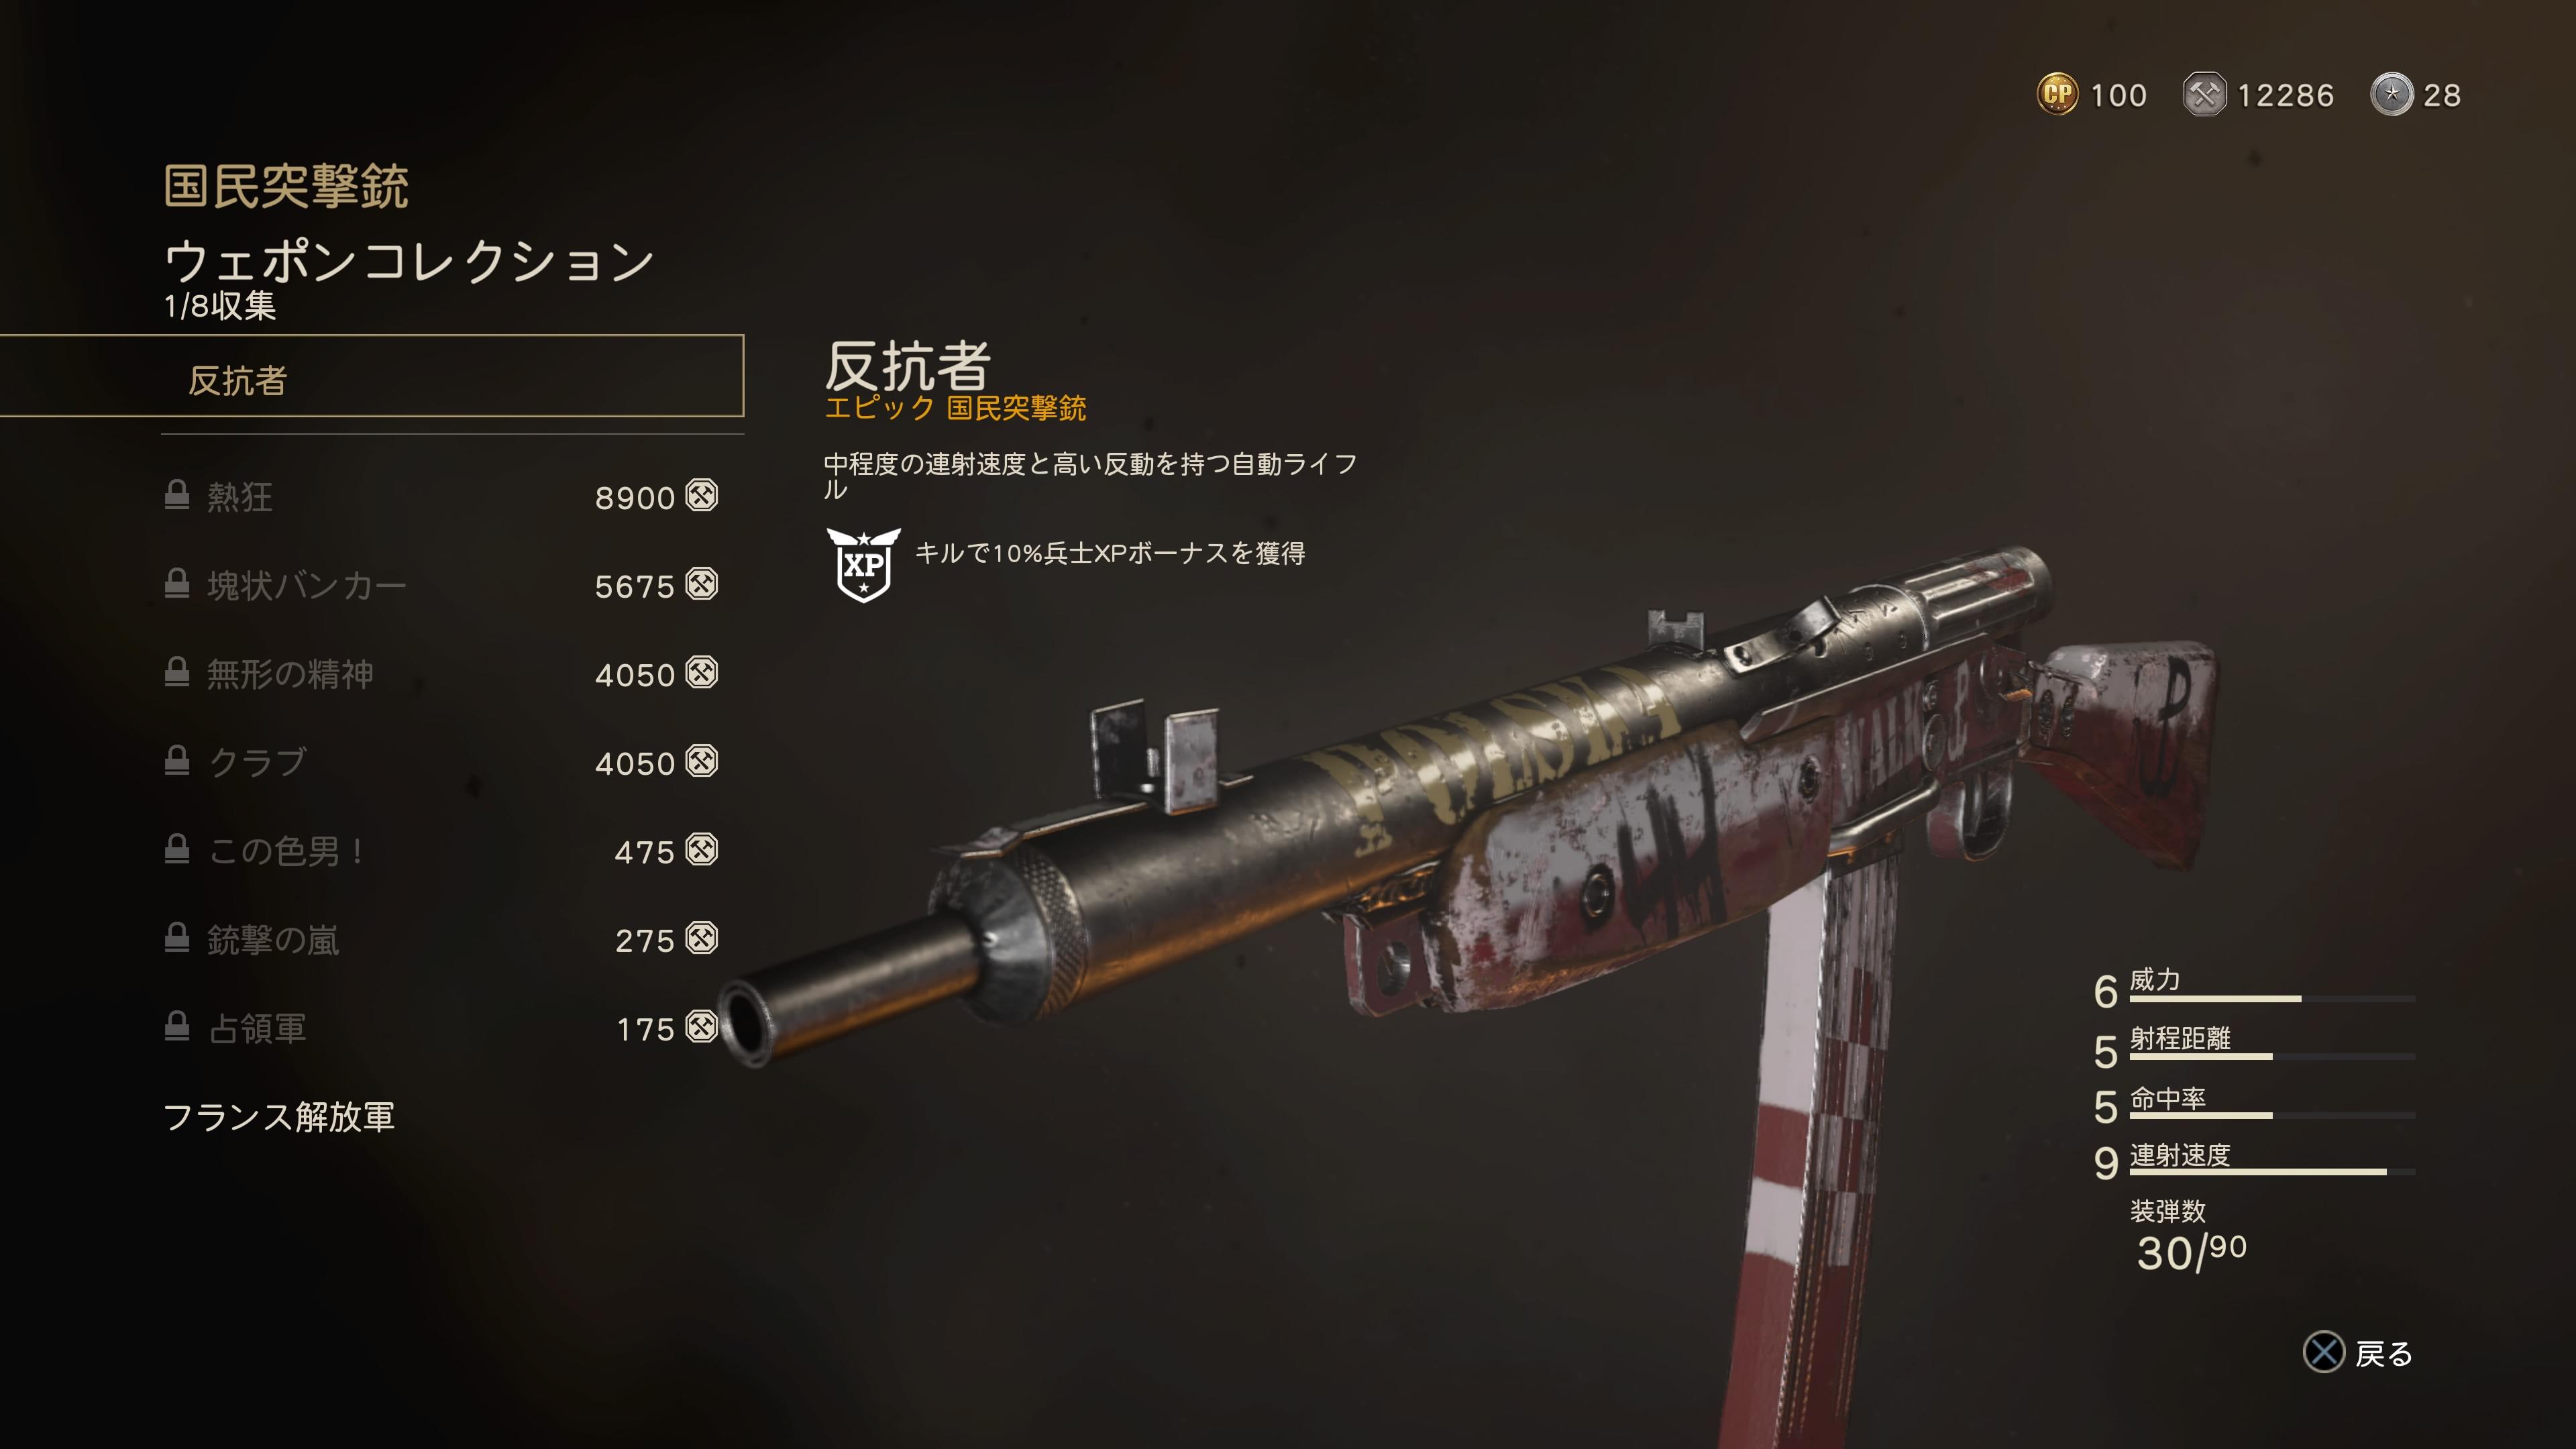 レジスタンス 新武器の評価 入手方法 Samurai Gamers